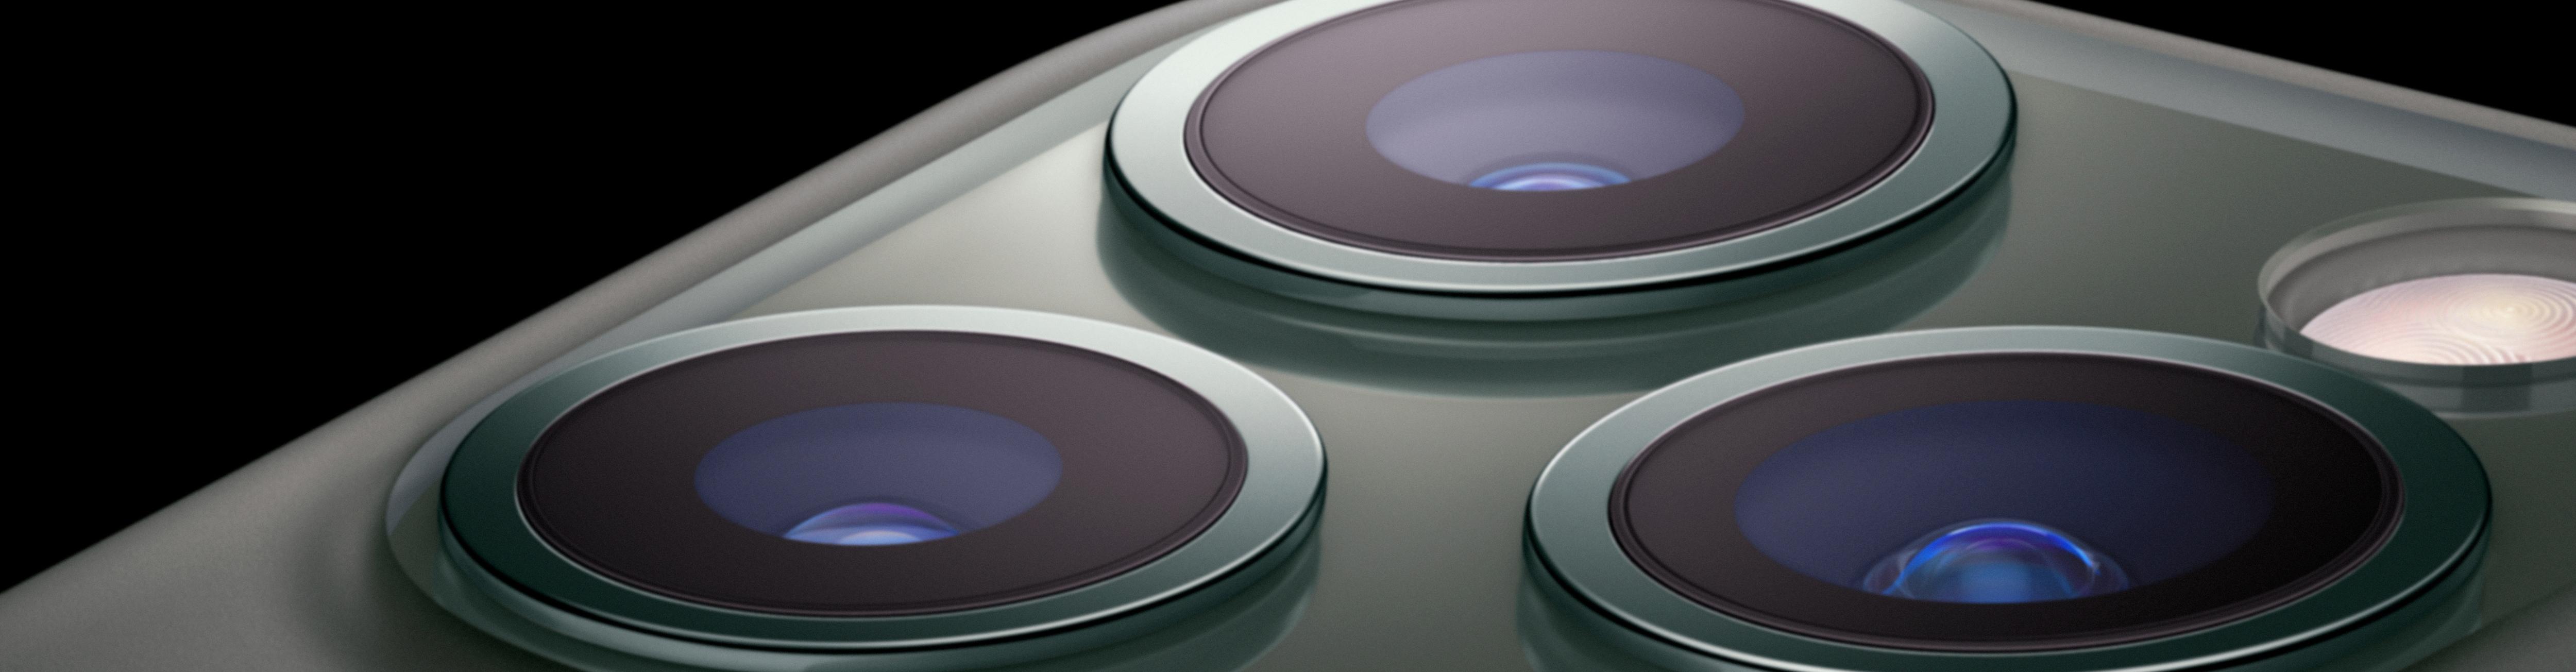 深度分析:为什么iPhone 12敢阉割充电器和耳机?